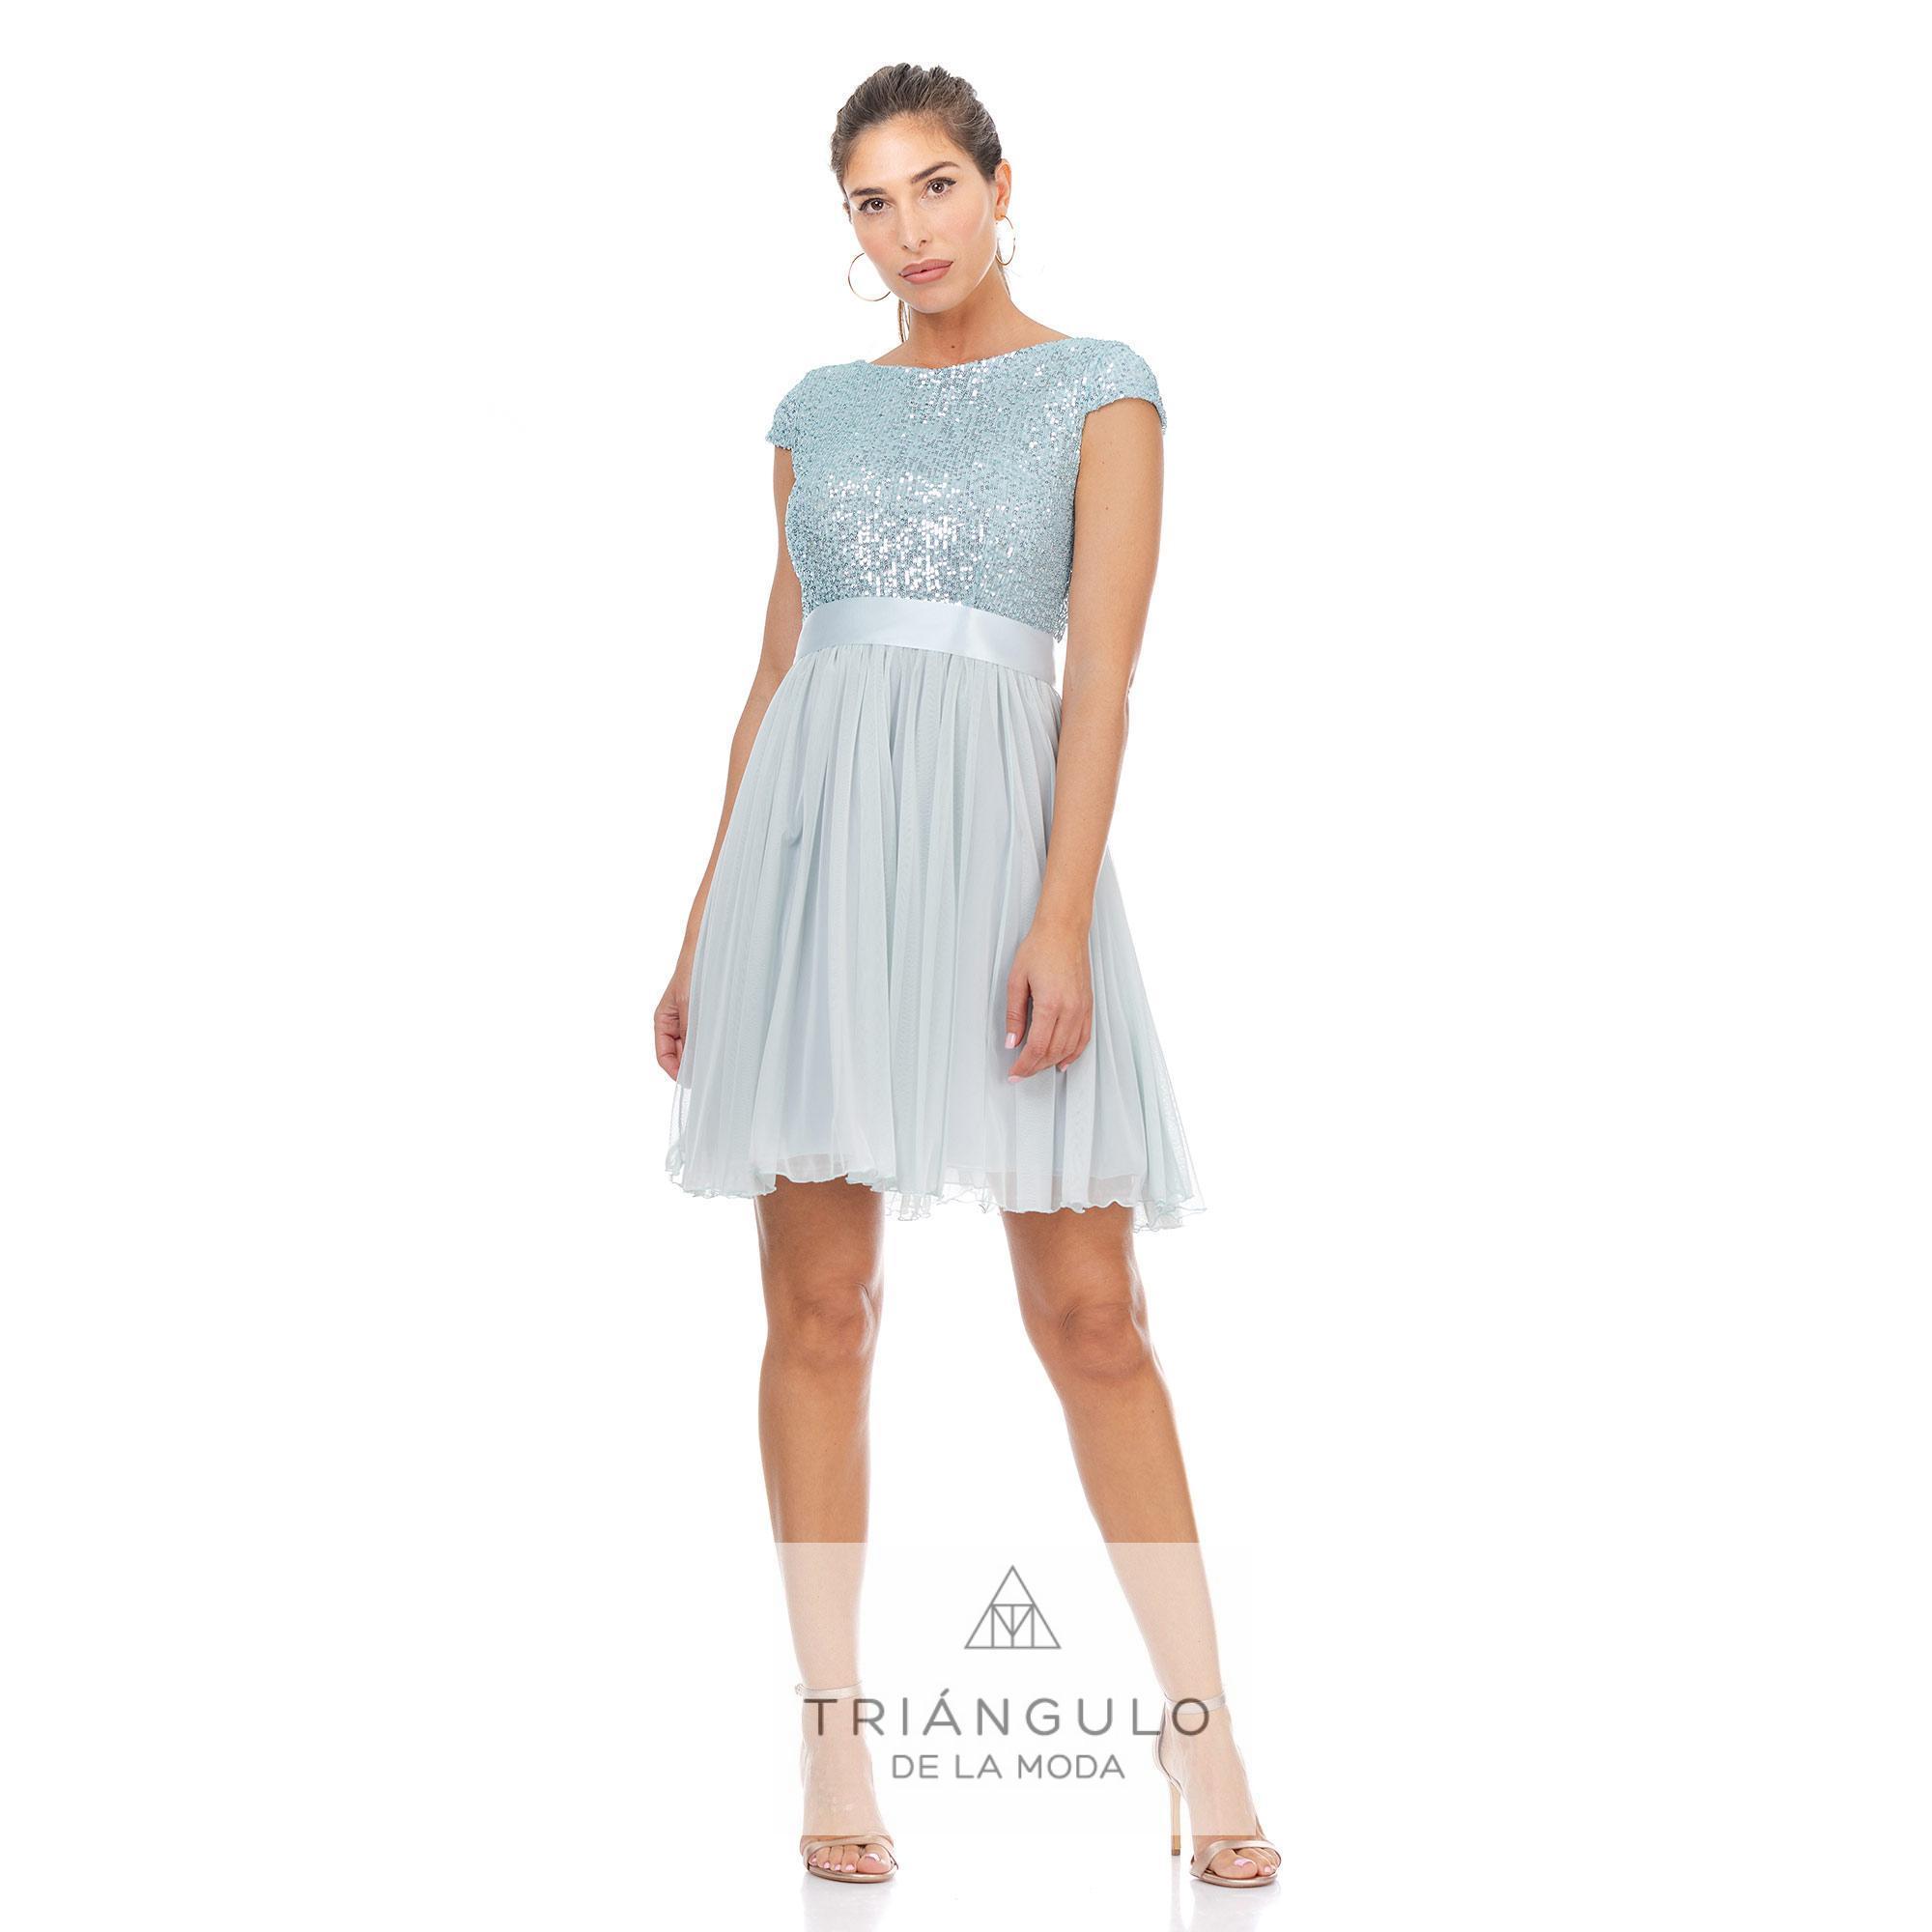 Tienda online del Triangulo de la Moda VESTIDO CON CUERPO DE LENTEJUELAS Y FALDA DE TUL